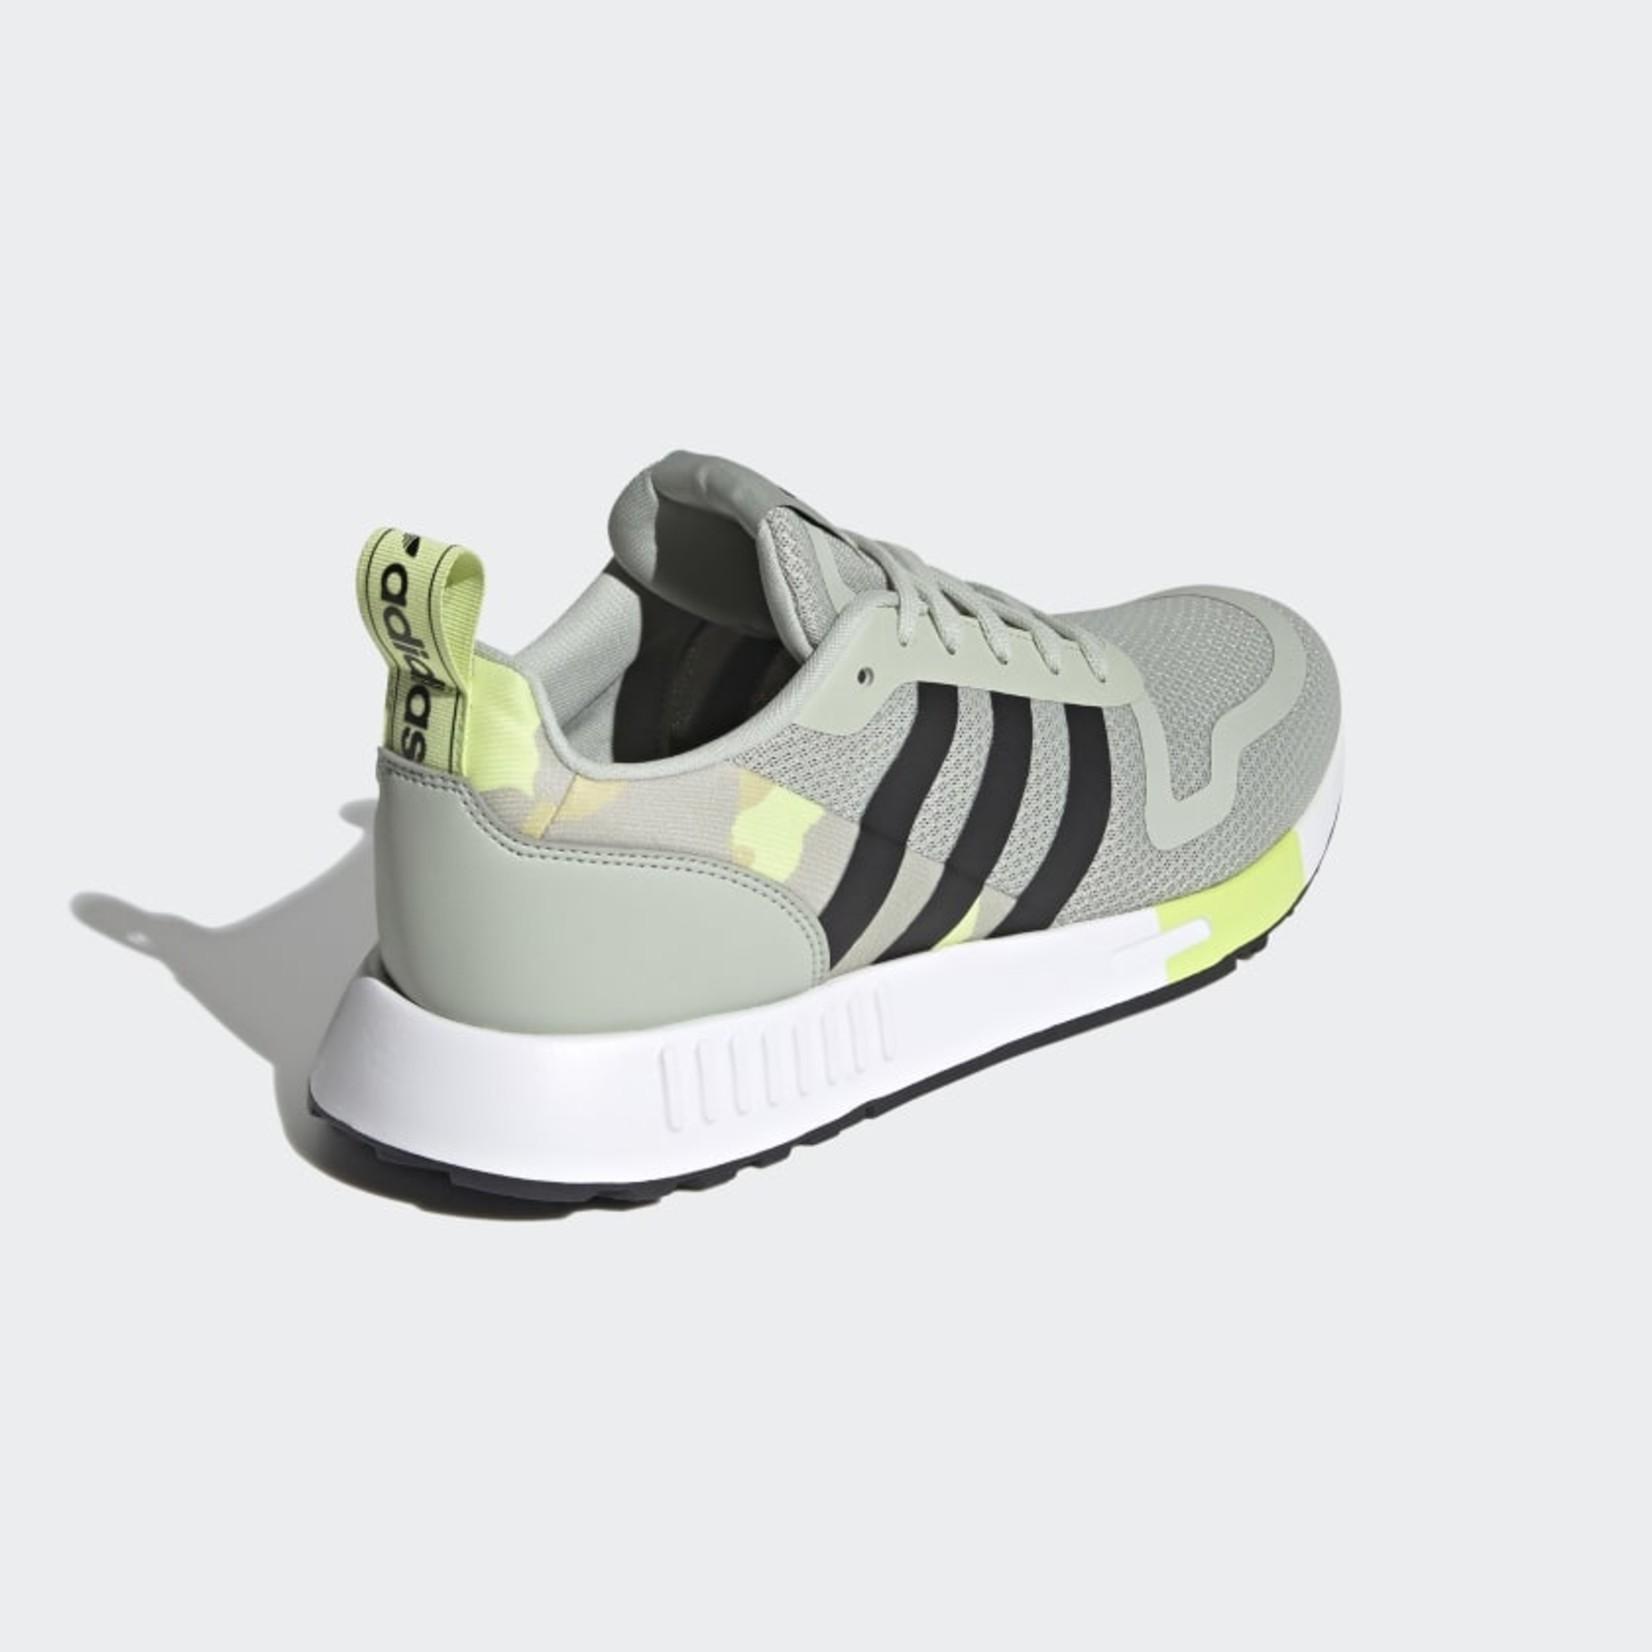 Adidas Multix Halgrn/CBlack